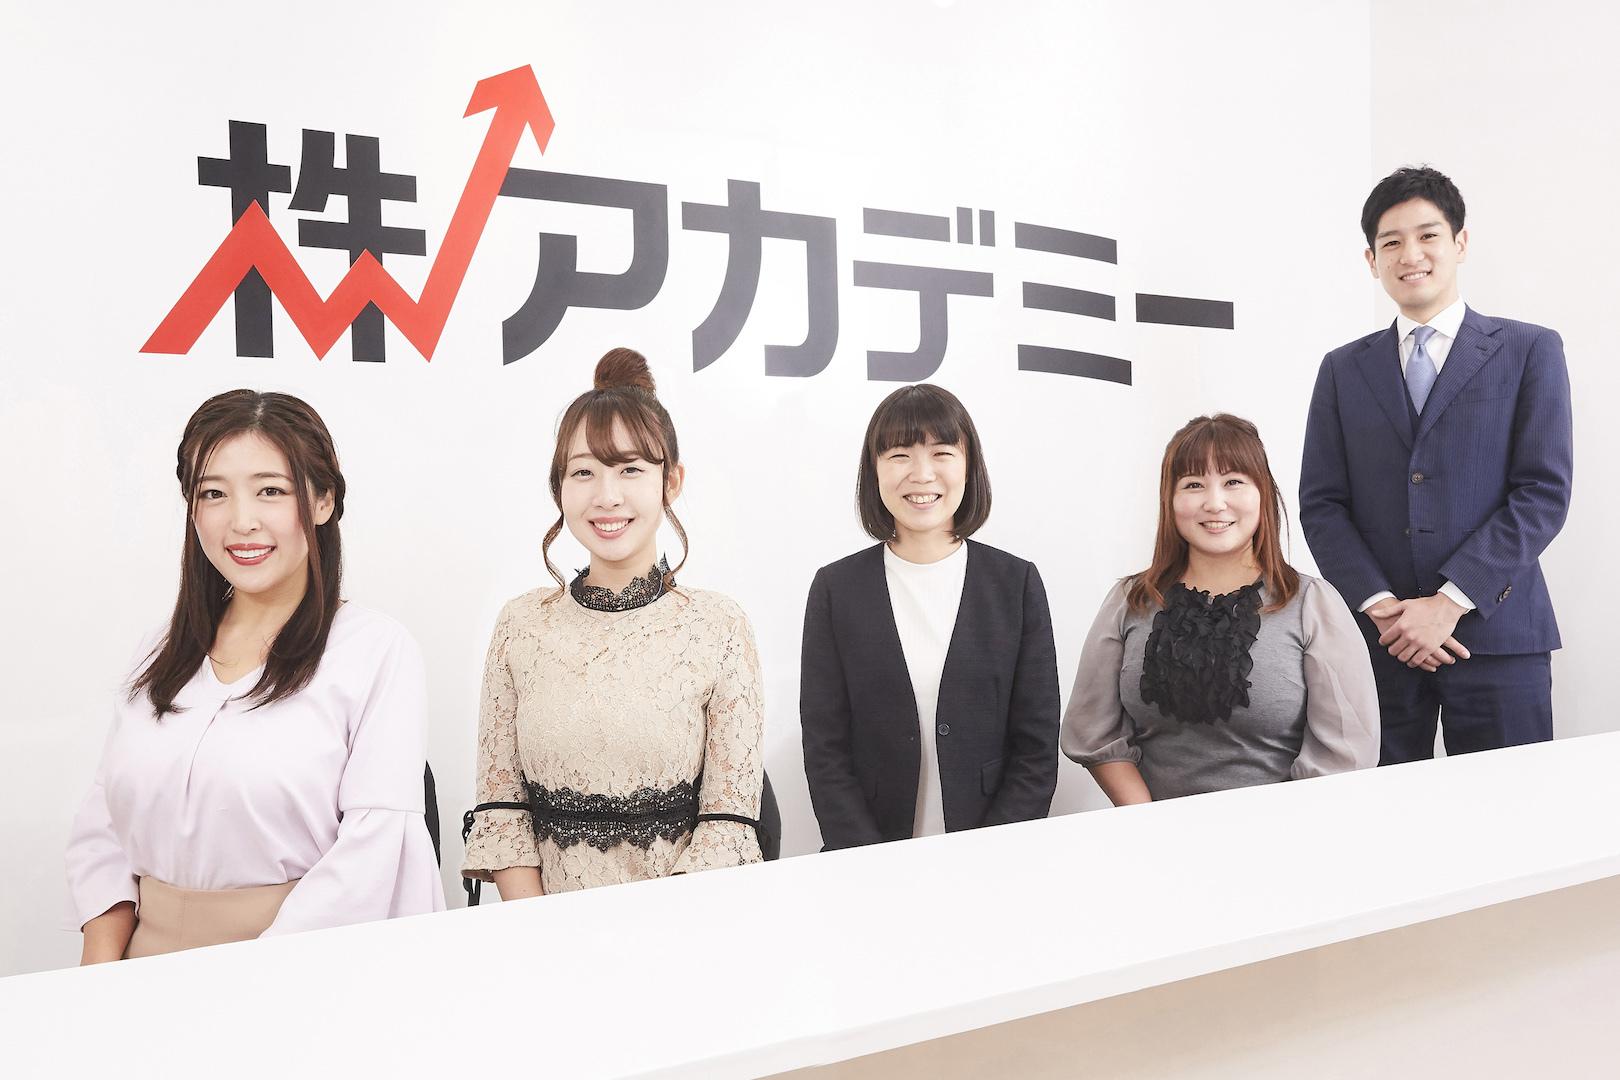 株式投資専門スクール『株アカデミー』が 東京八重洲にサービスステーションを1月25日グランドオープン